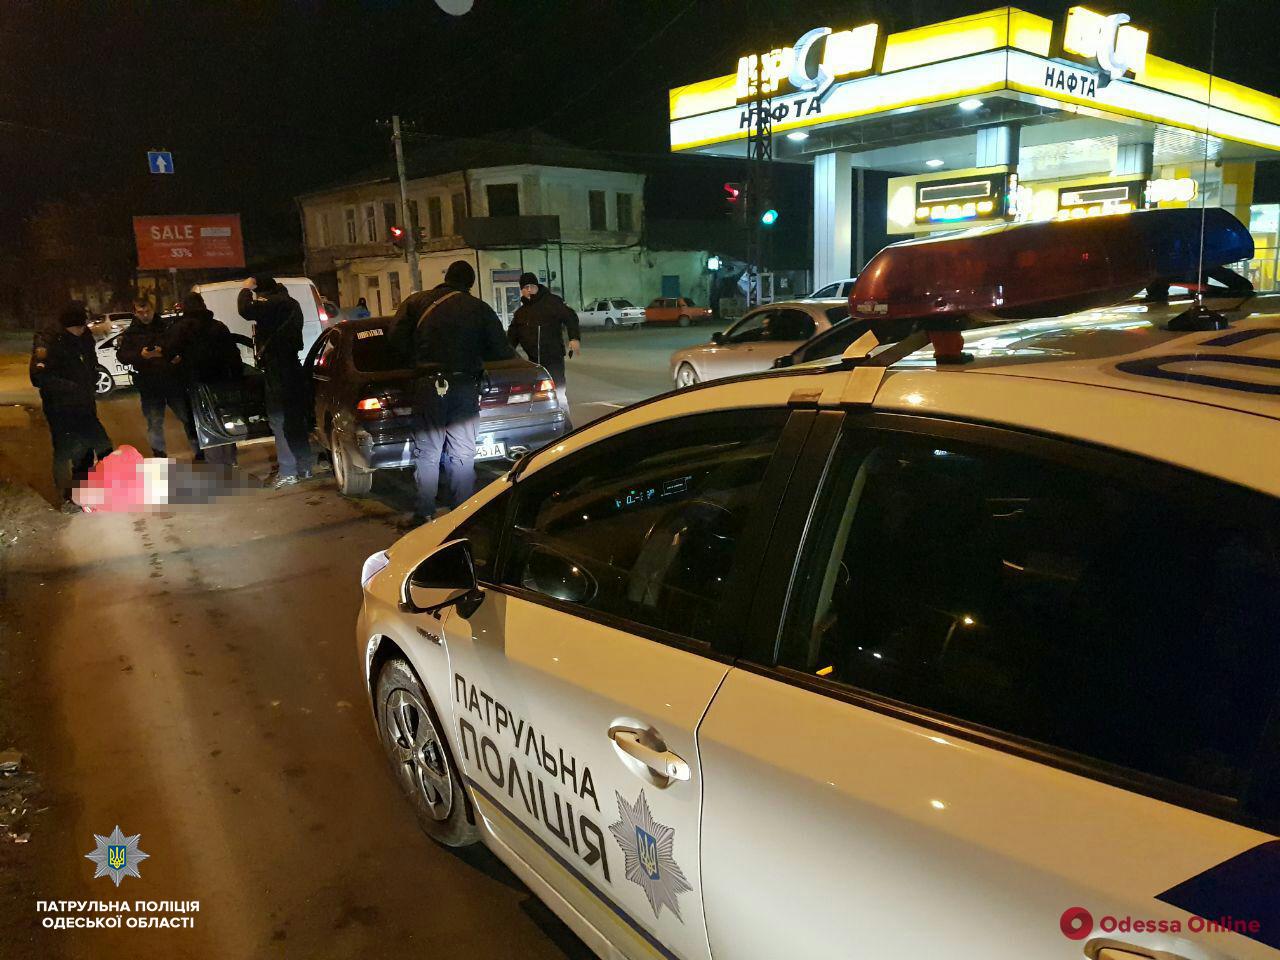 Появилось видео погони и задержания таксиста, ограбившего пассажирку